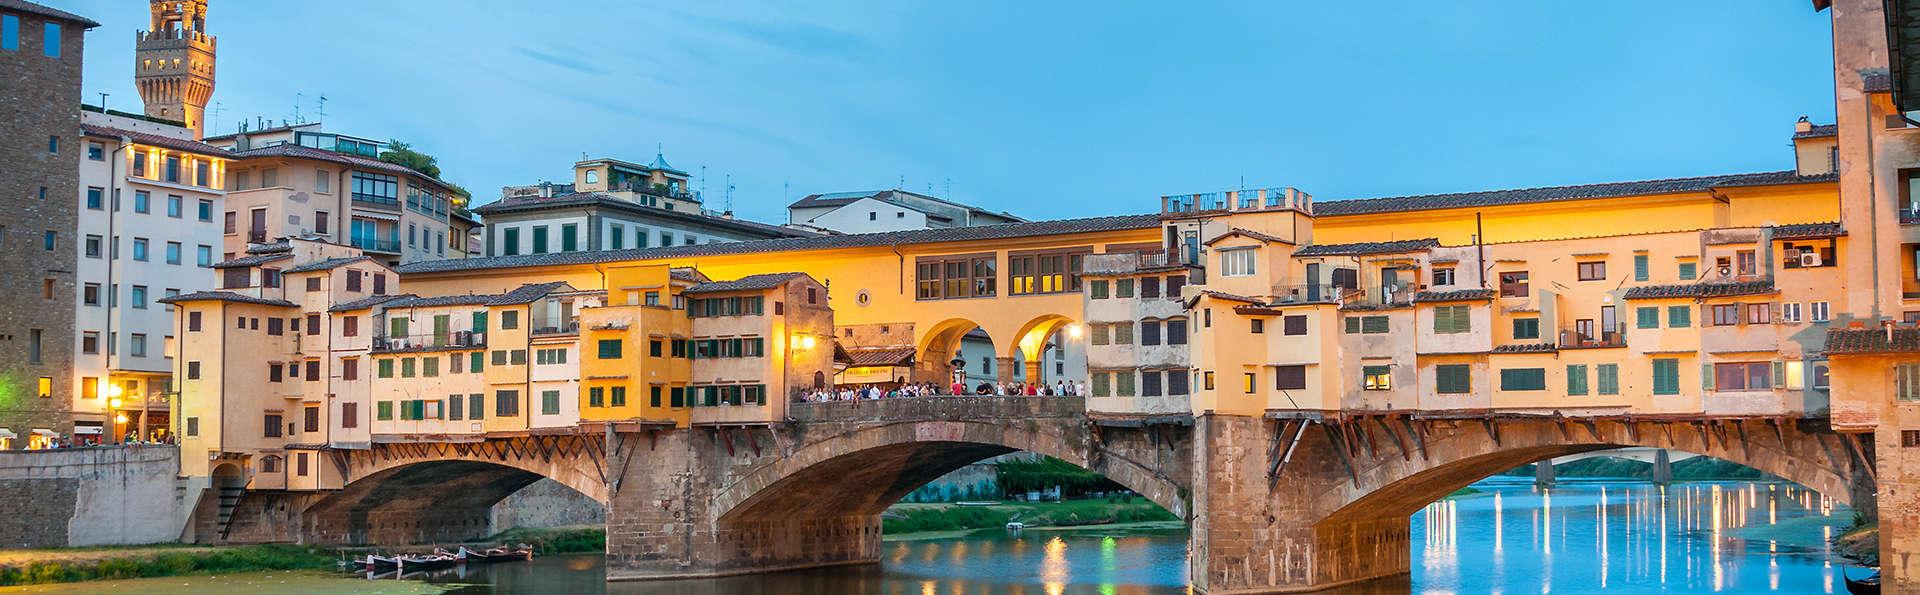 Week-end à Florence, dans un élégant hôtel 4 étoiles